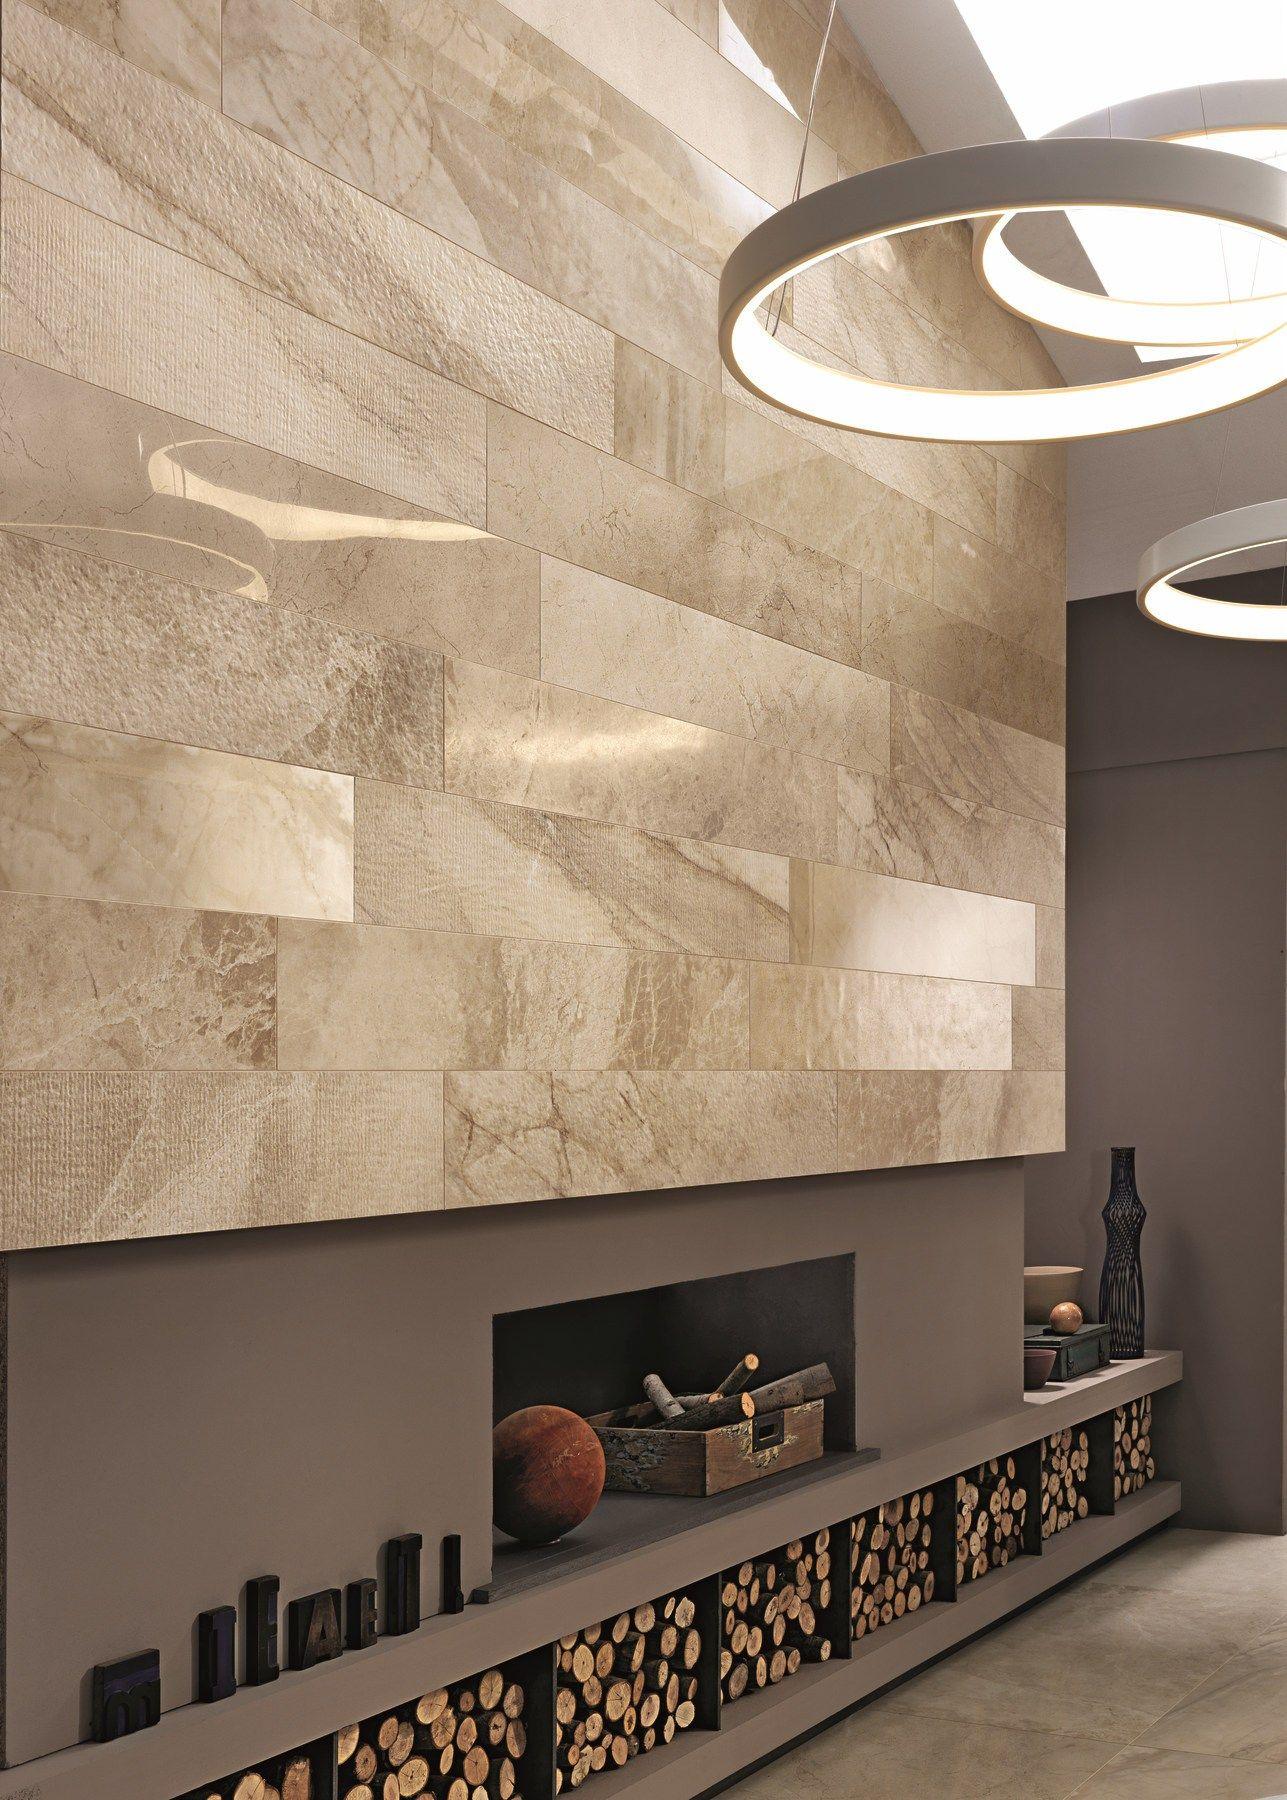 rev tement de sol mur en gr s c rame effet marbre pour int rieur et ext rieur beige experience. Black Bedroom Furniture Sets. Home Design Ideas